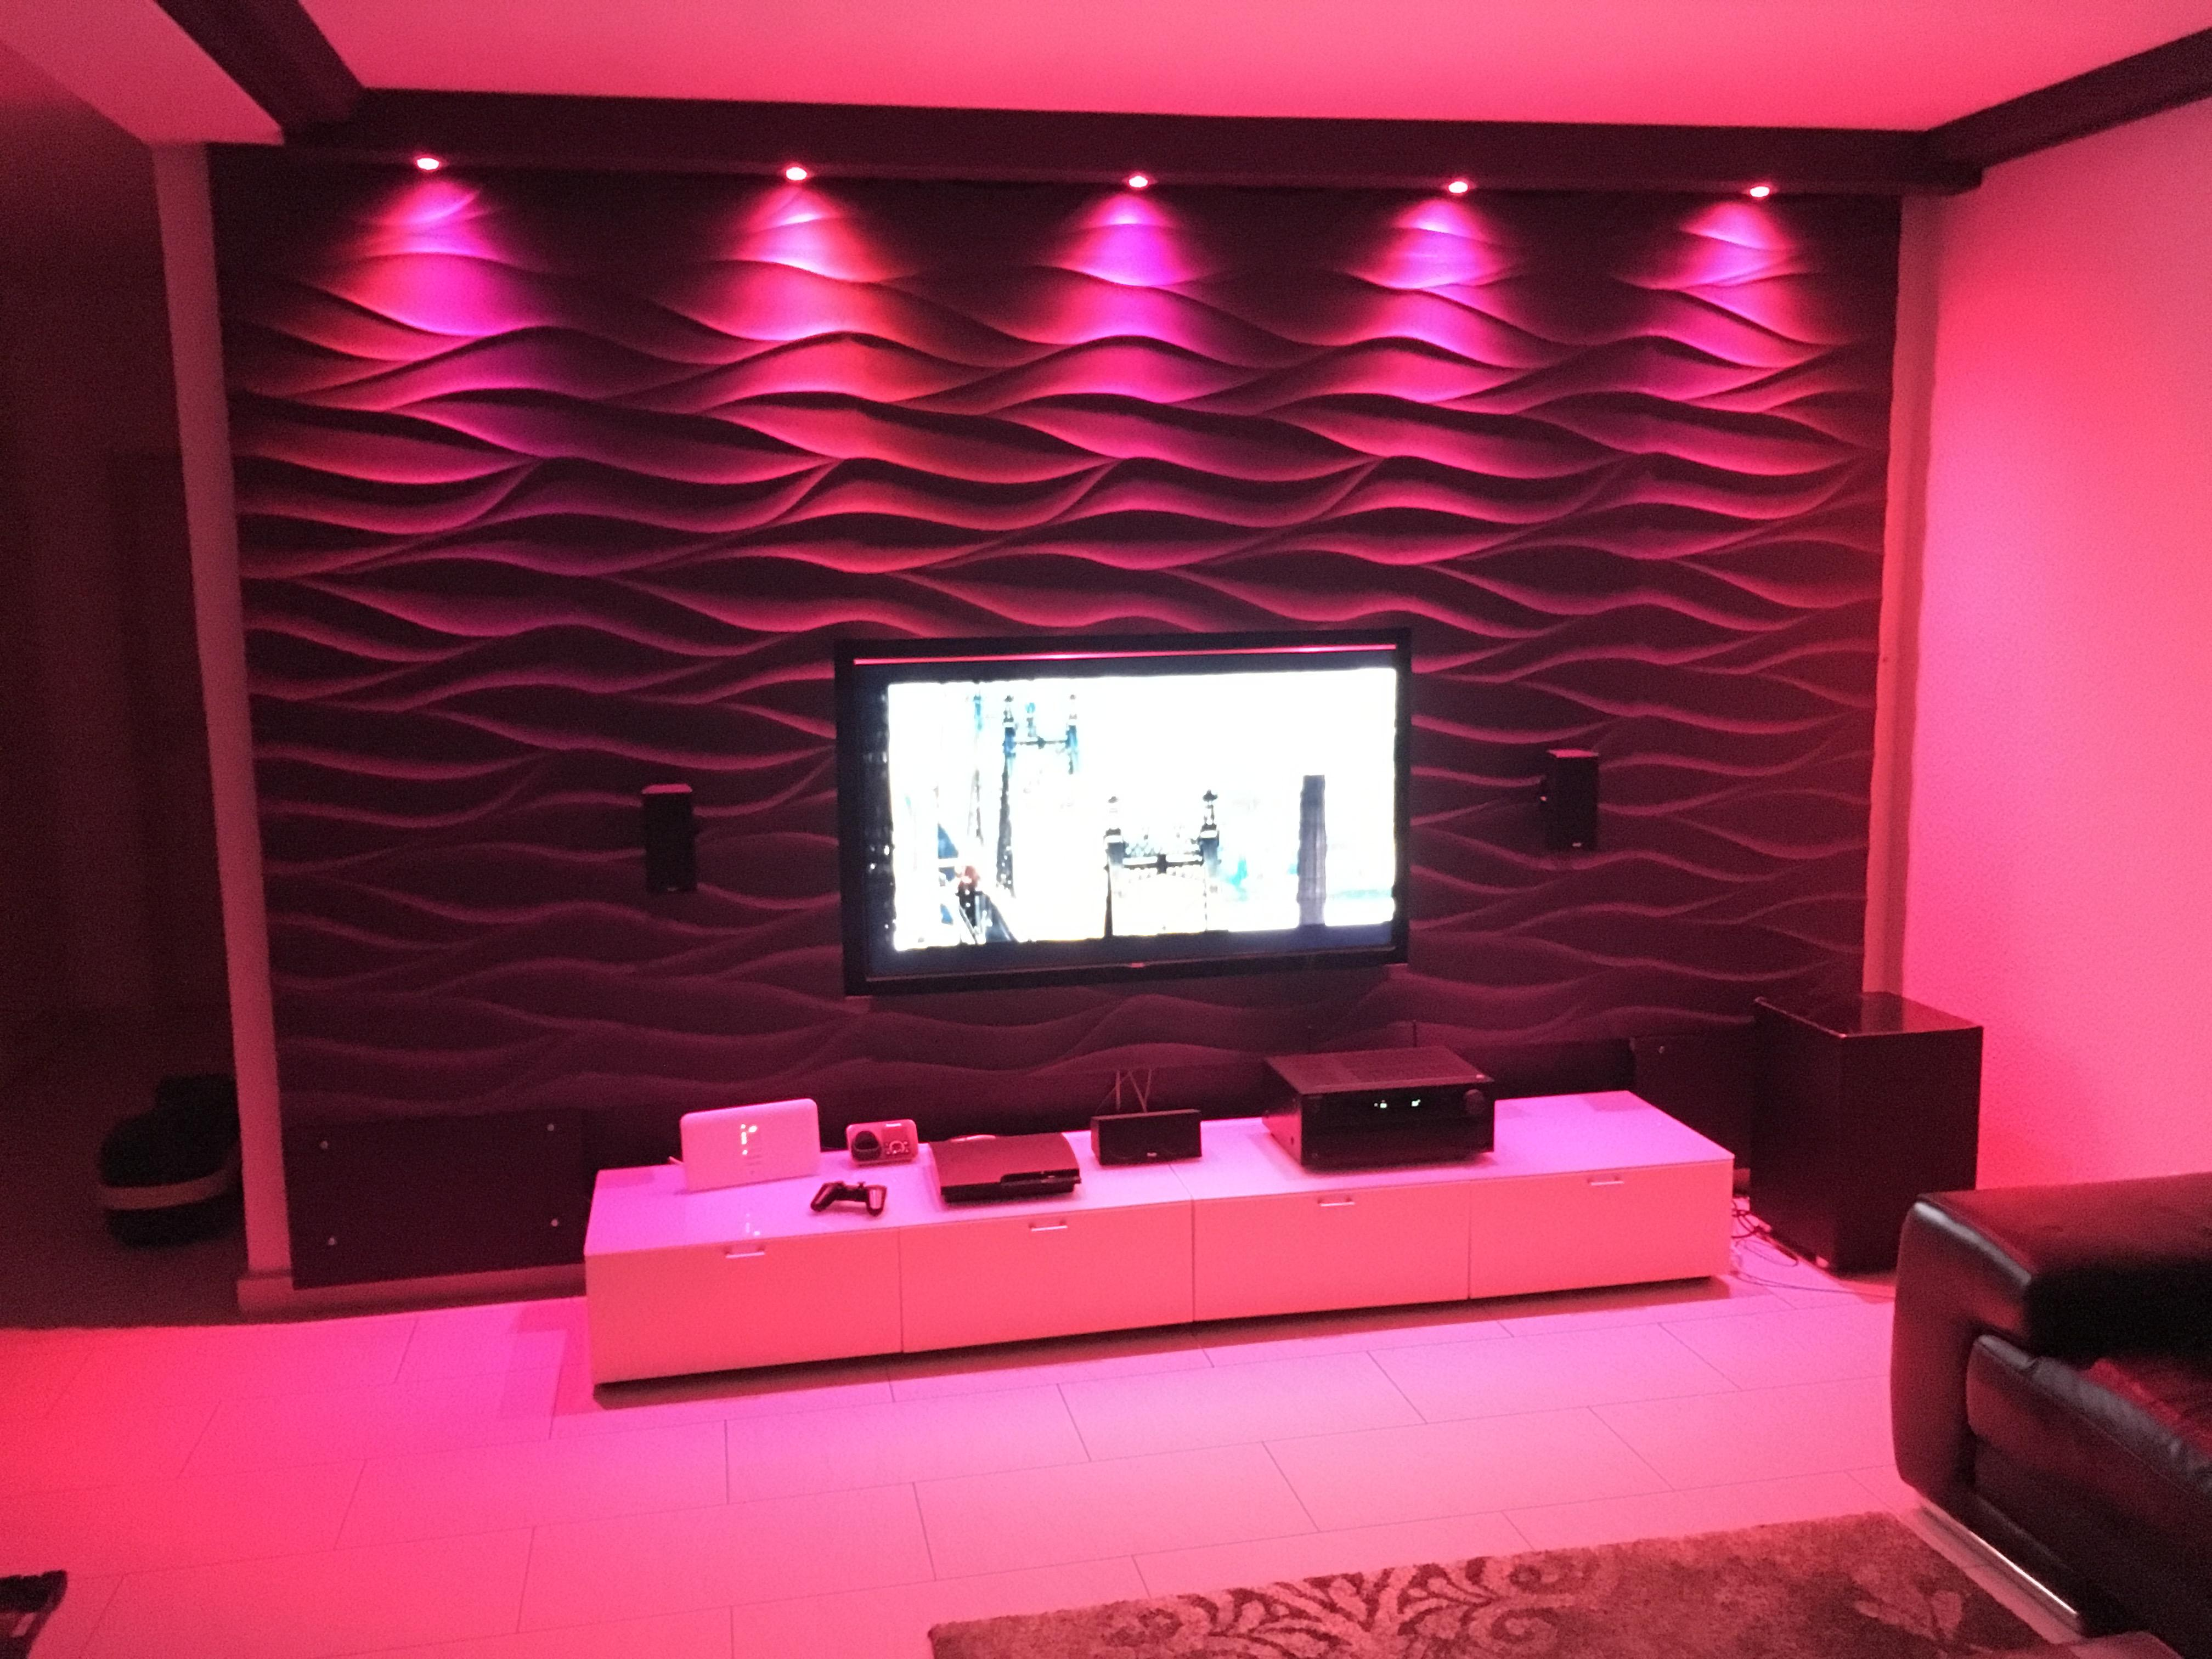 3D Wandpaneele An Der Tv-Wand #Wandverkleidung #Wand